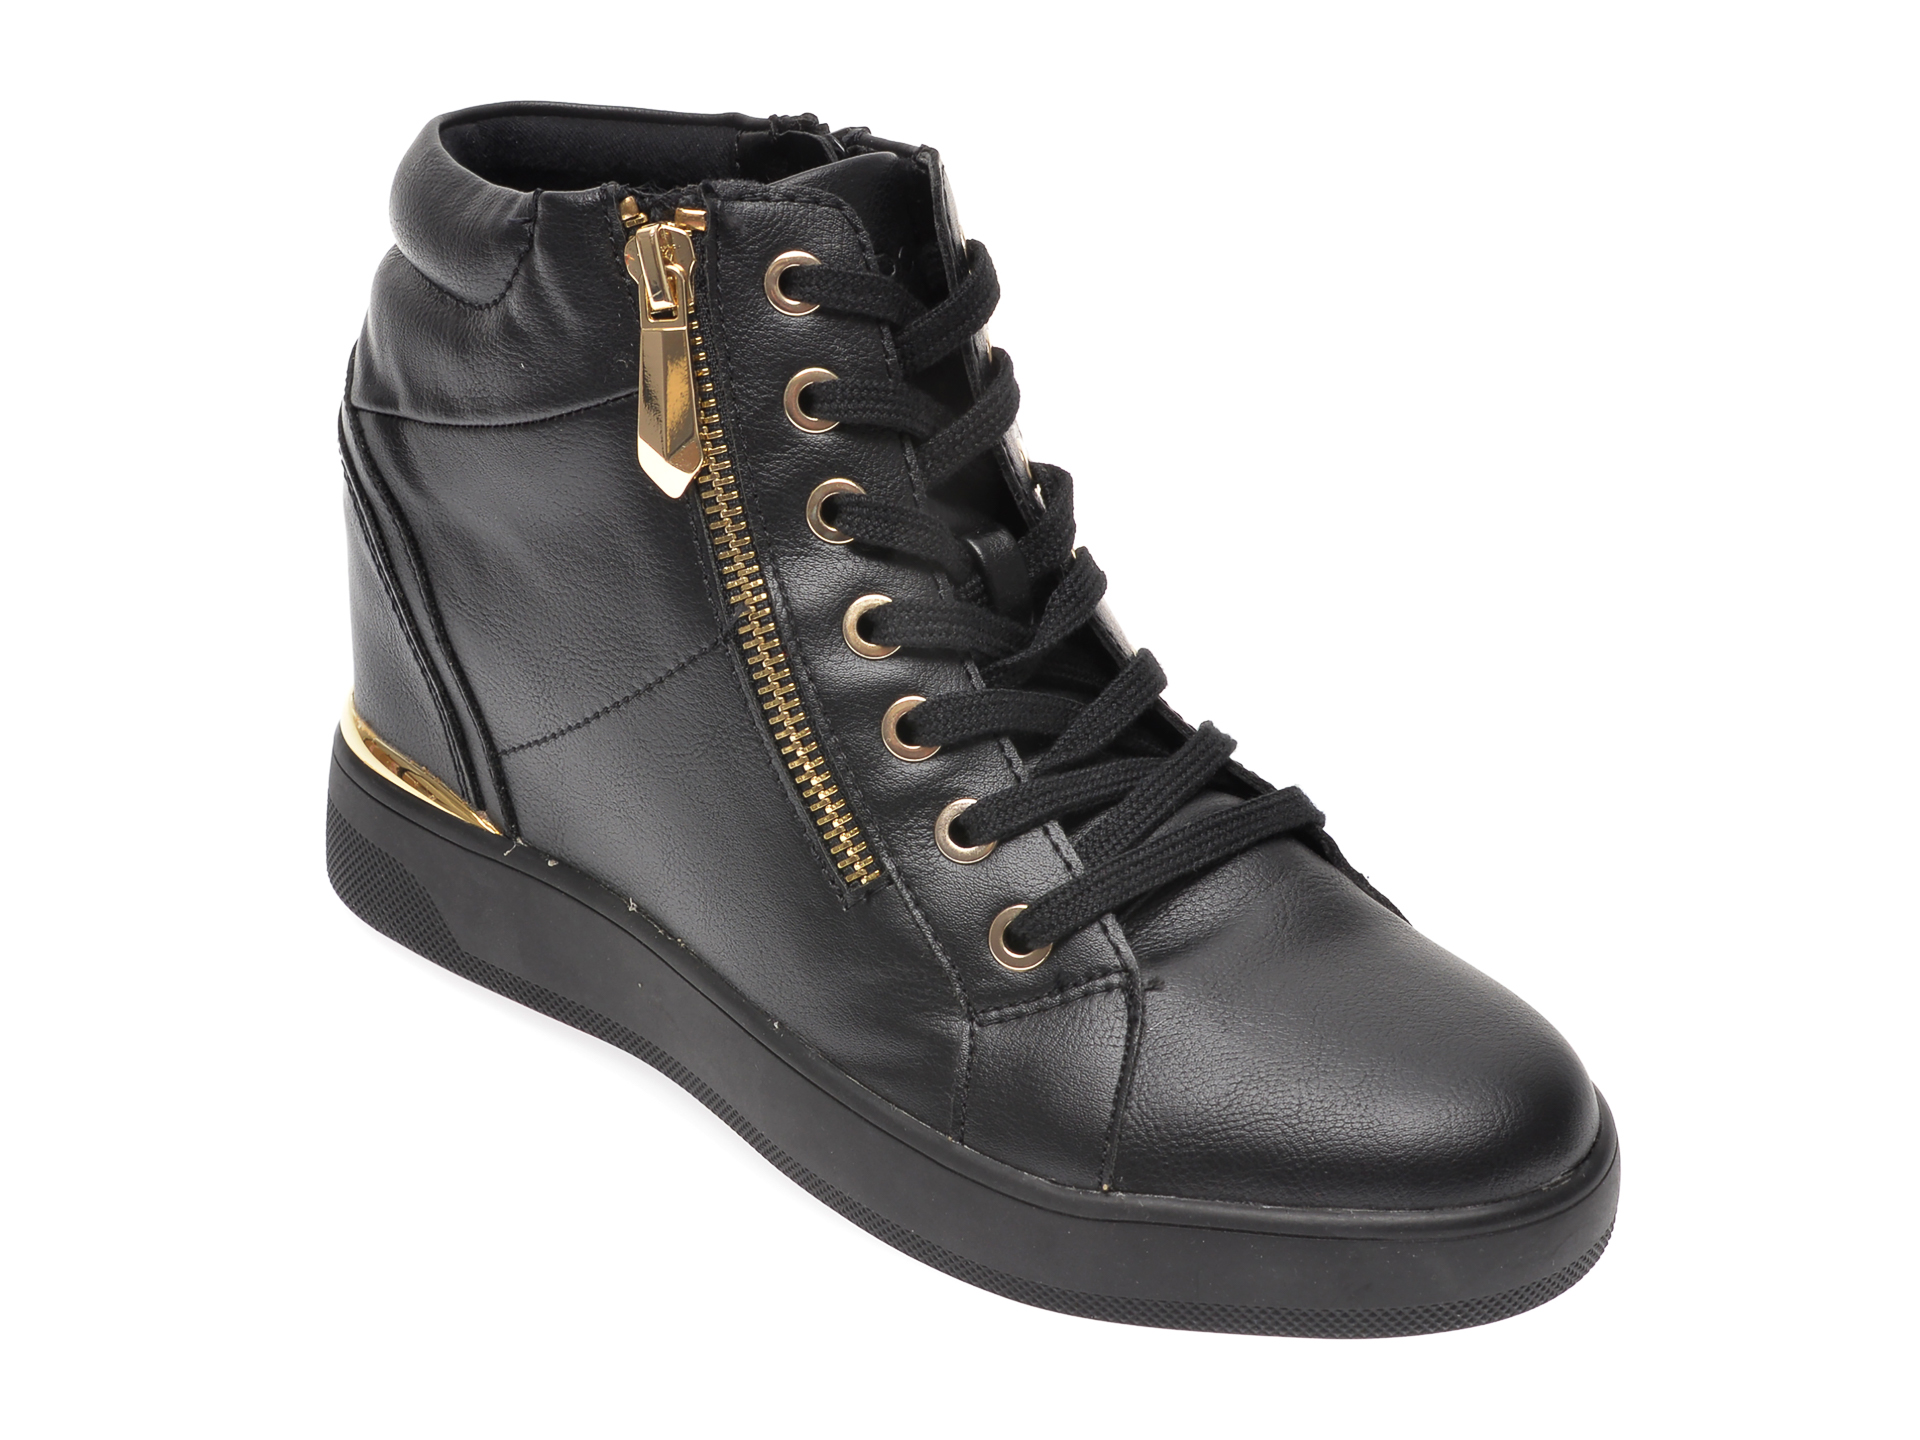 Pantofi ALDO negri, Ailanna968, din piele ecologica